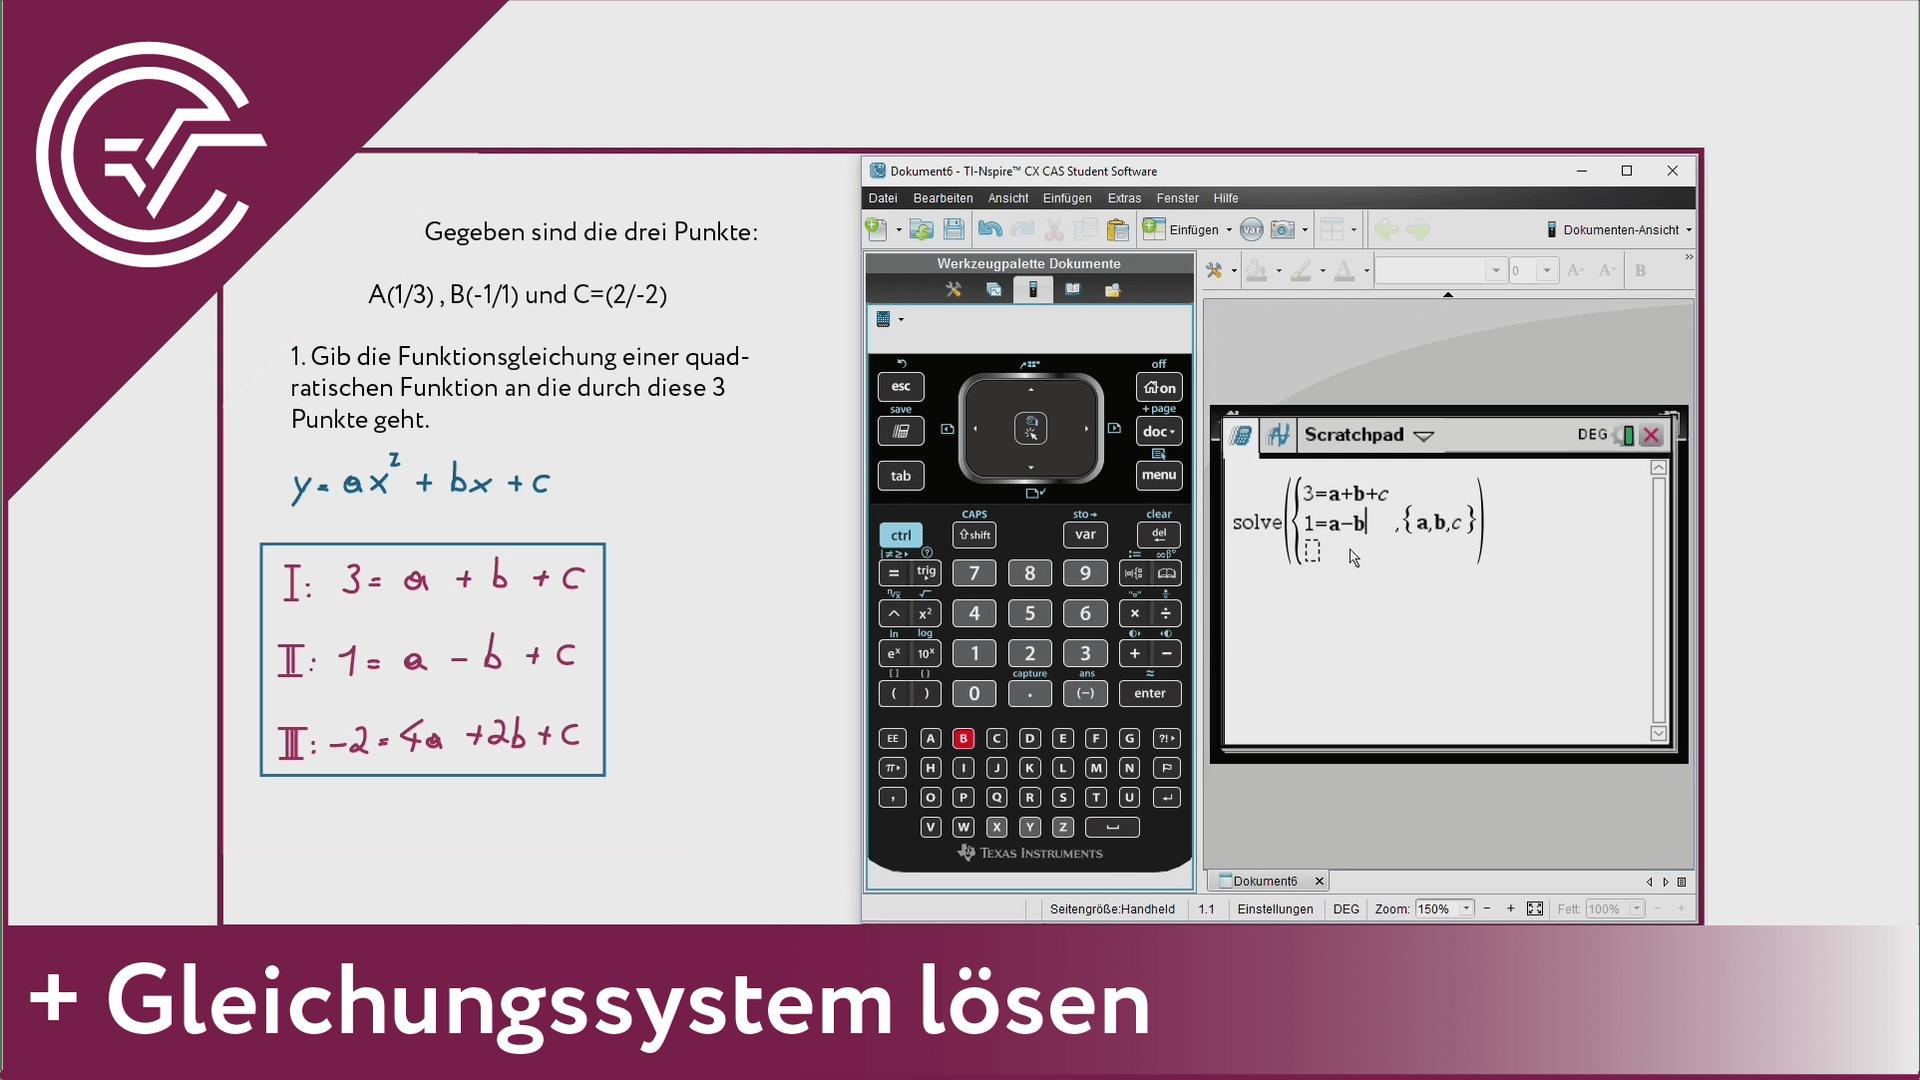 4. Gleichungssysteme lösen [TI-Nspire]